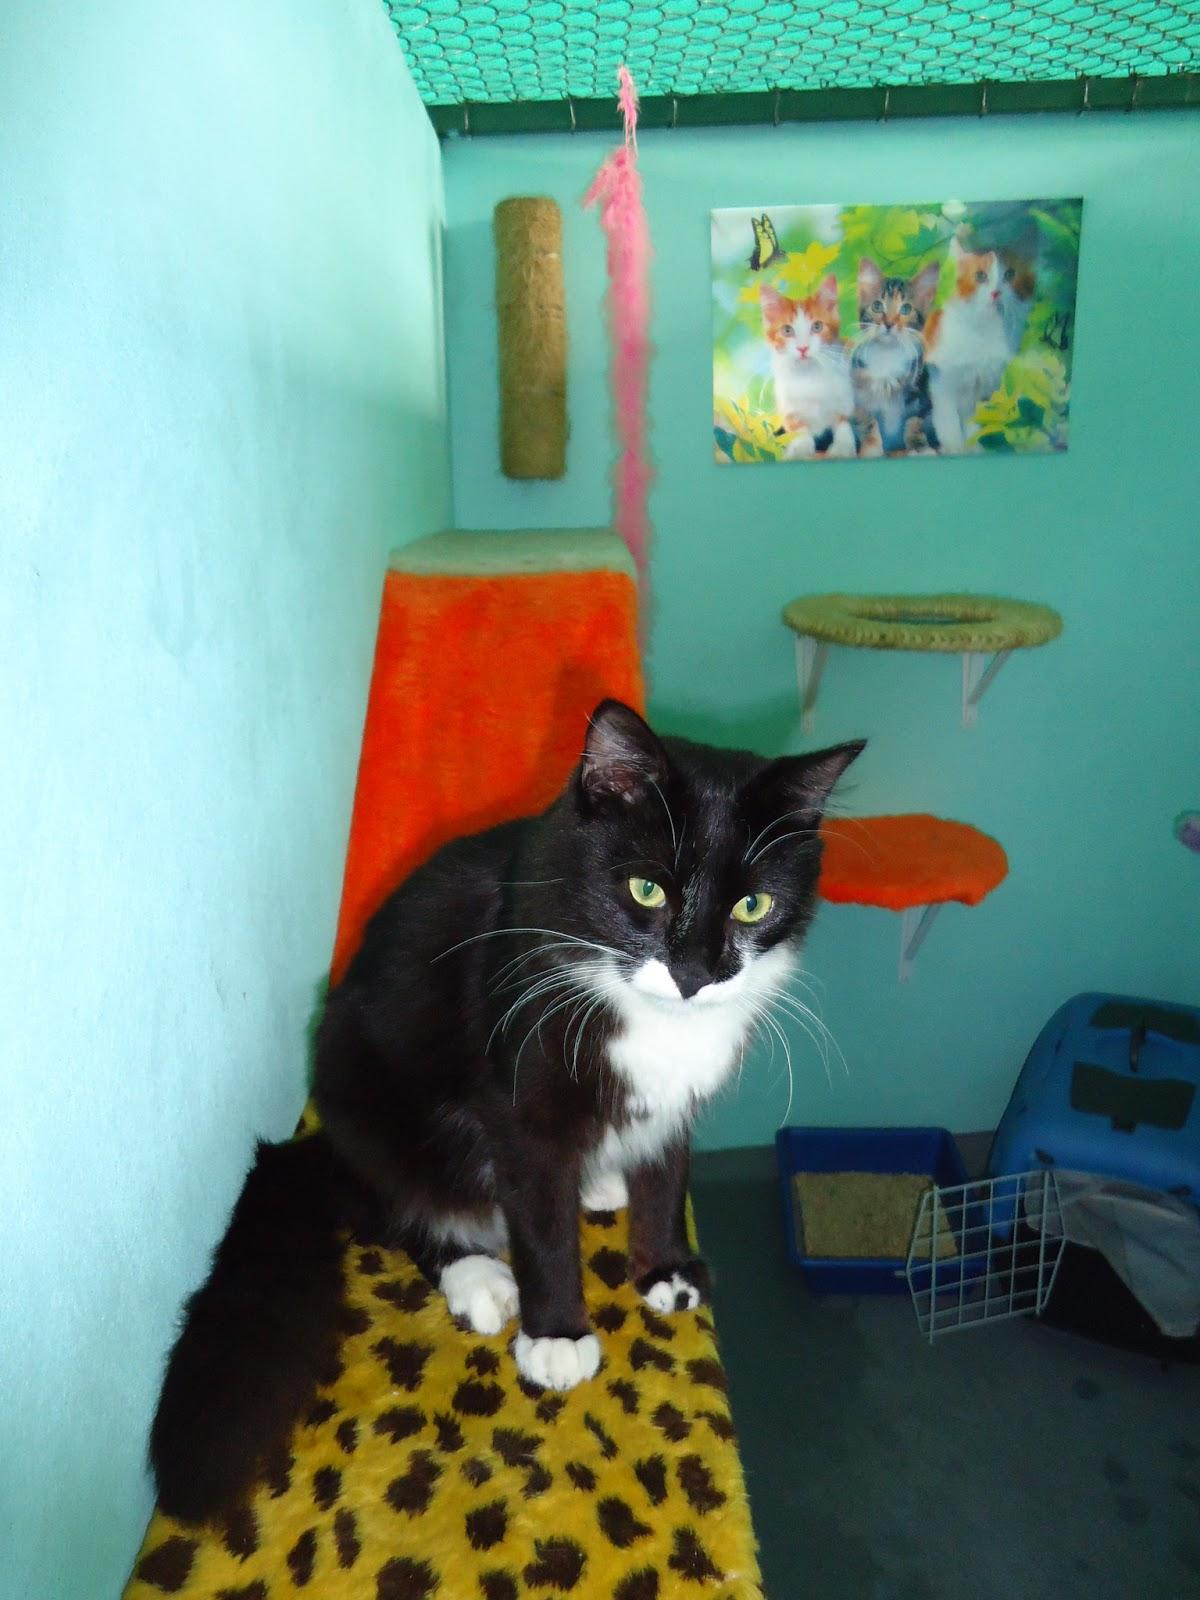 #CA2D01 Gato é Gente Boa!: Enriquecimento ambiental: Seu gato pode ser feliz  1468 Tela Janela Gatos